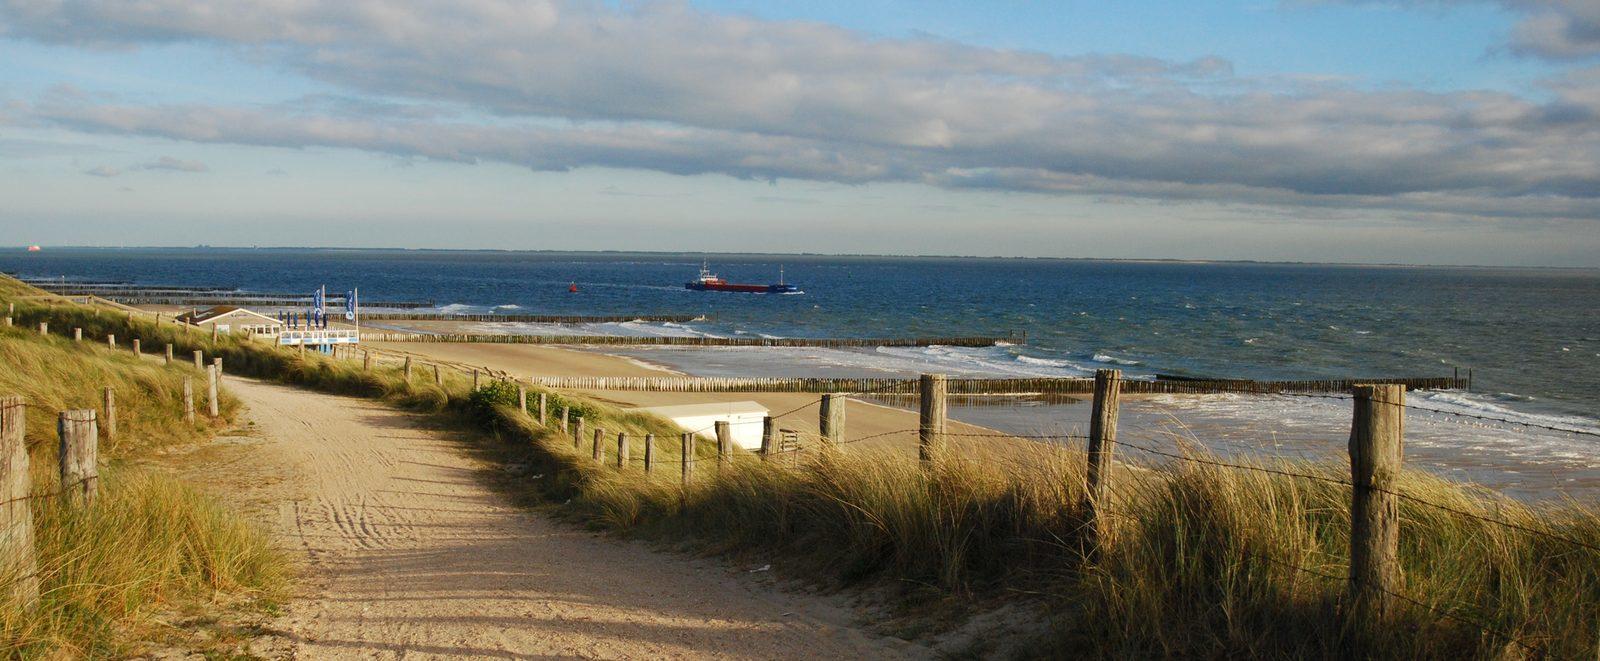 Bekijk ook eens het prachtige Zeeland! Boot die vaart op het water, Reiseditie zonsondergang strand